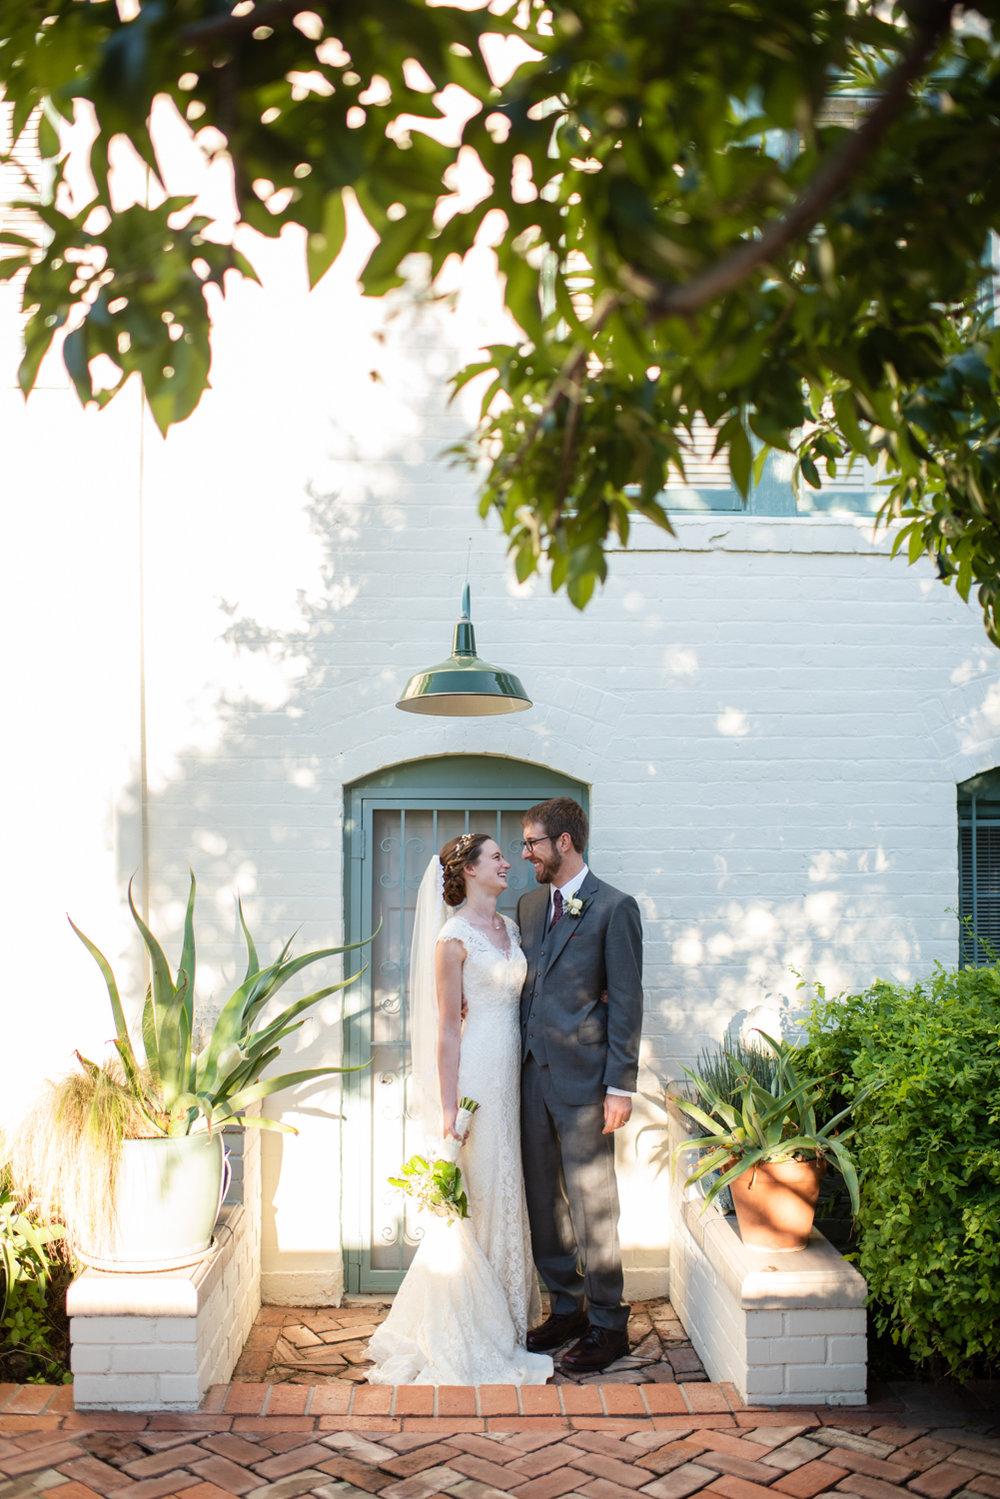 tucsonwedding-bridegroomphotos.jpg